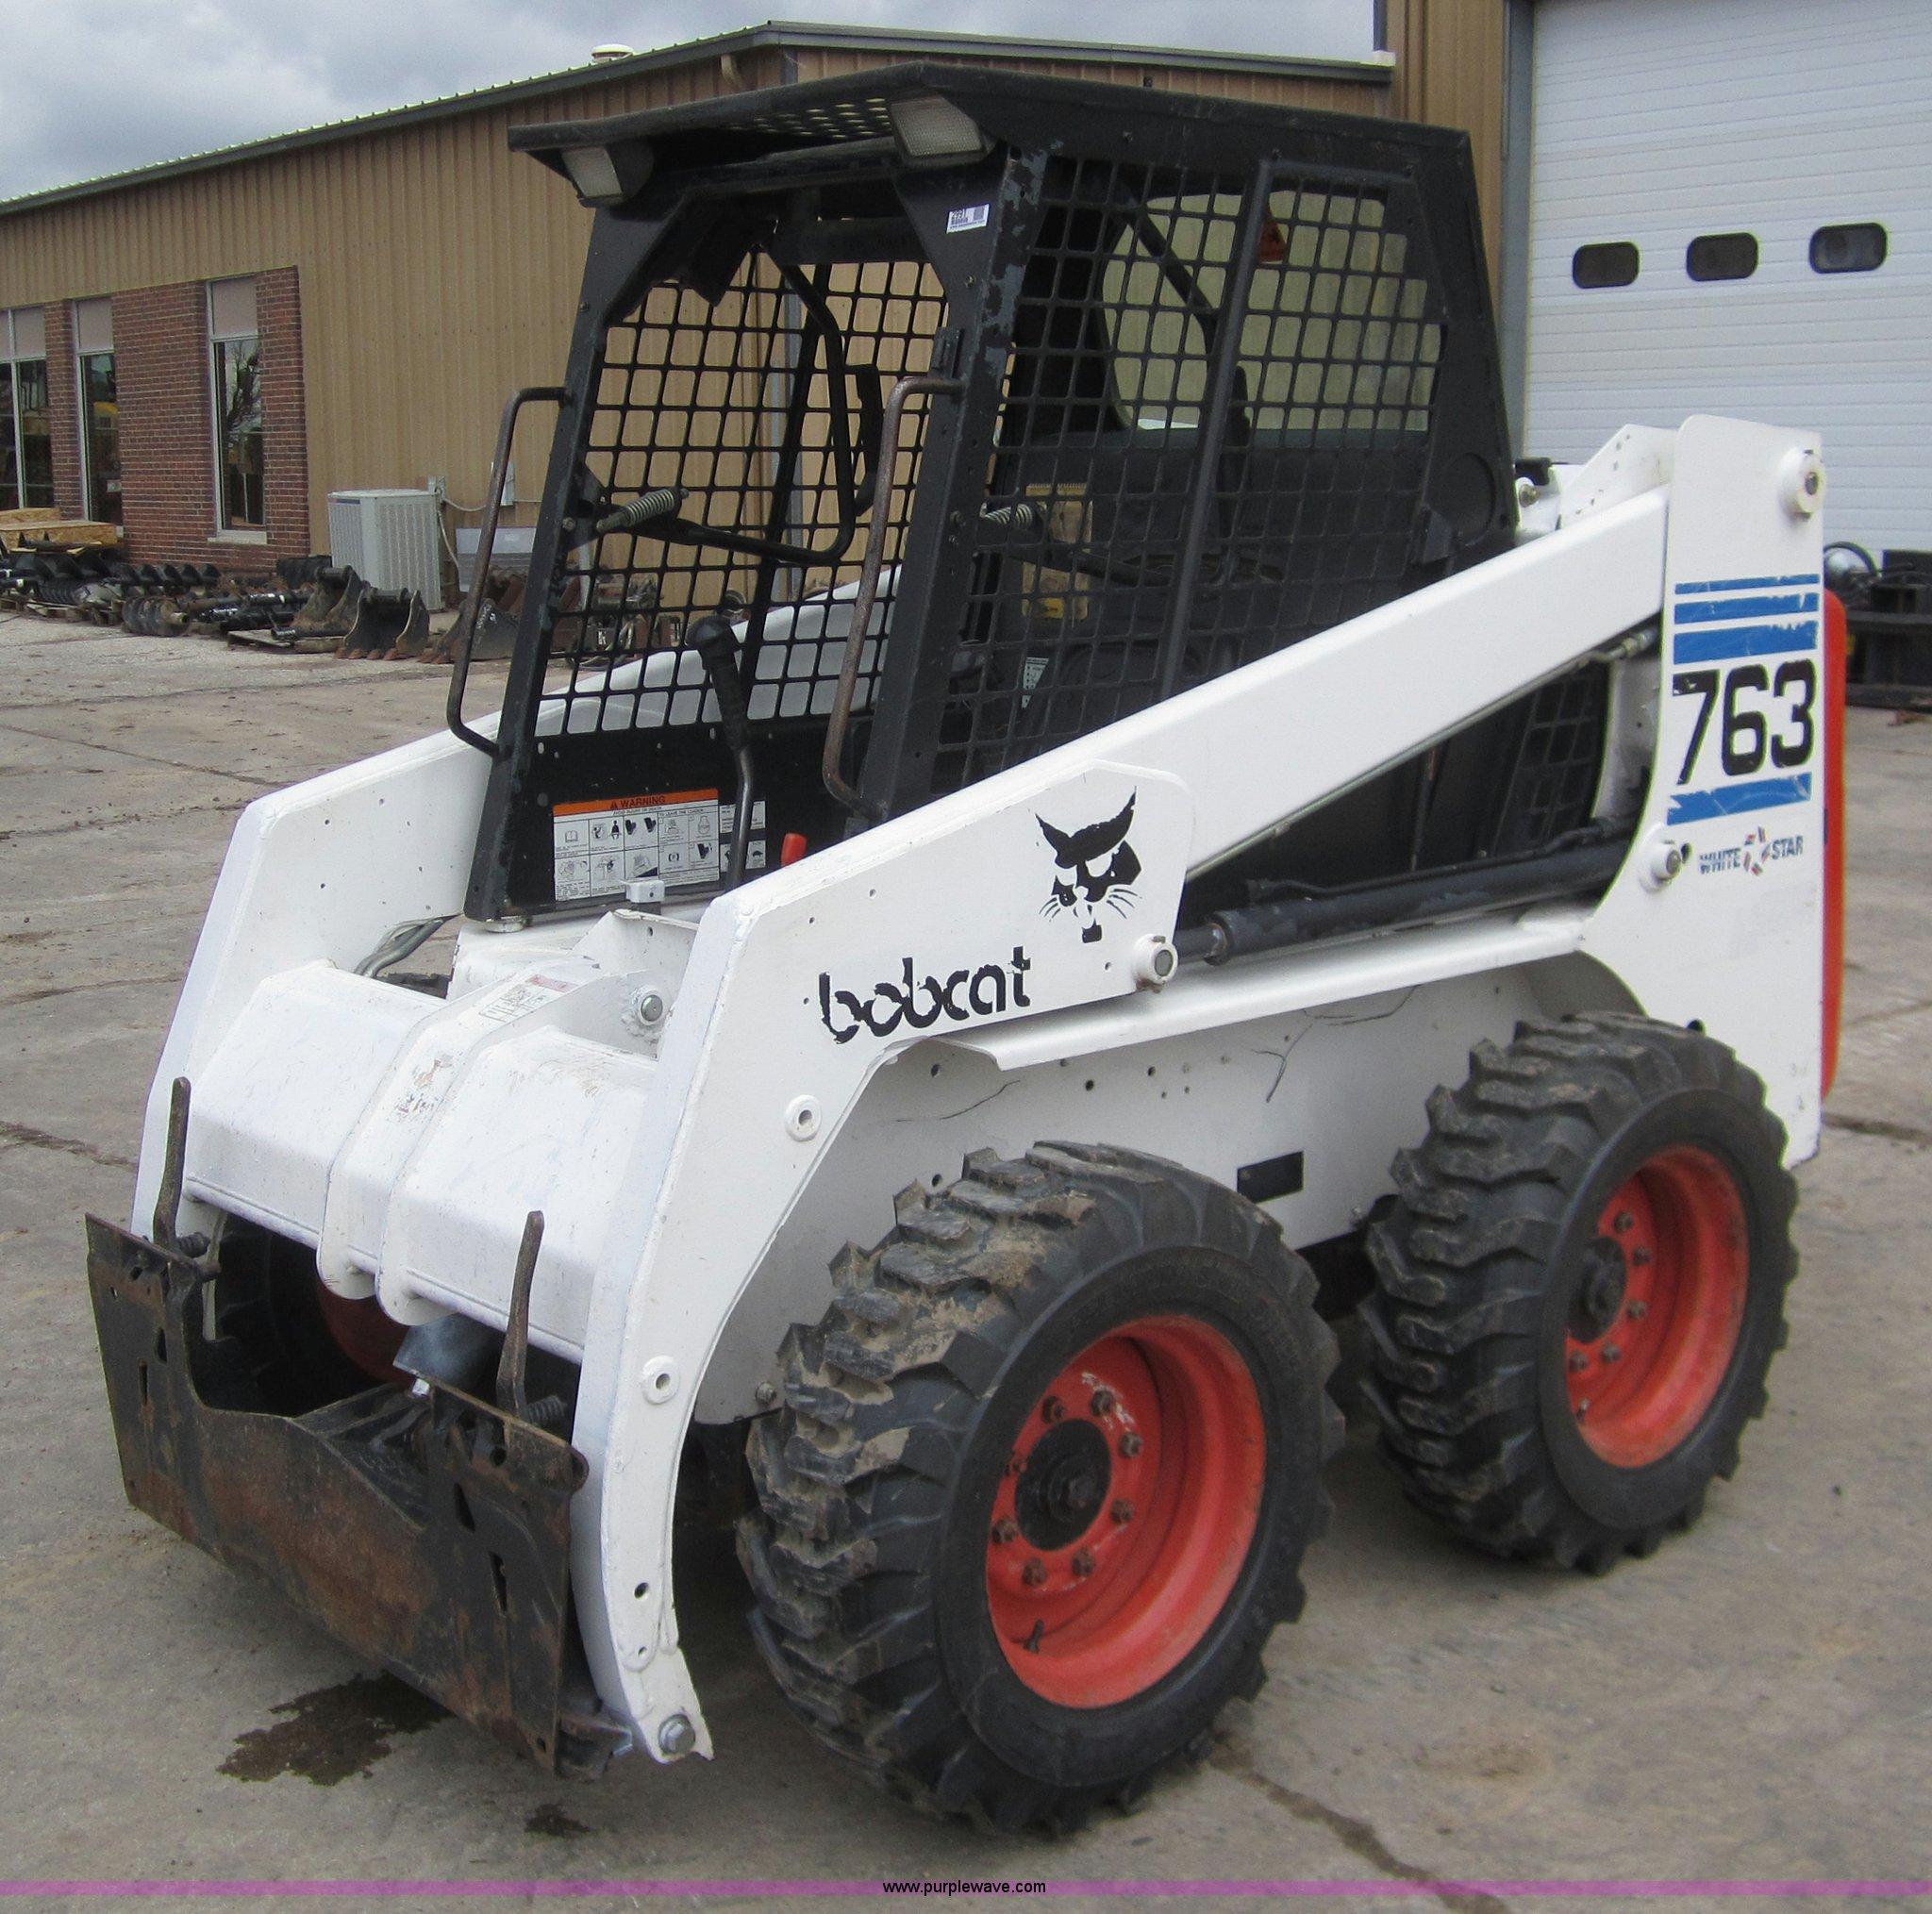 1998 Bobcat 763 Skid Steer Item 2991 Sold May 19 Bobcat